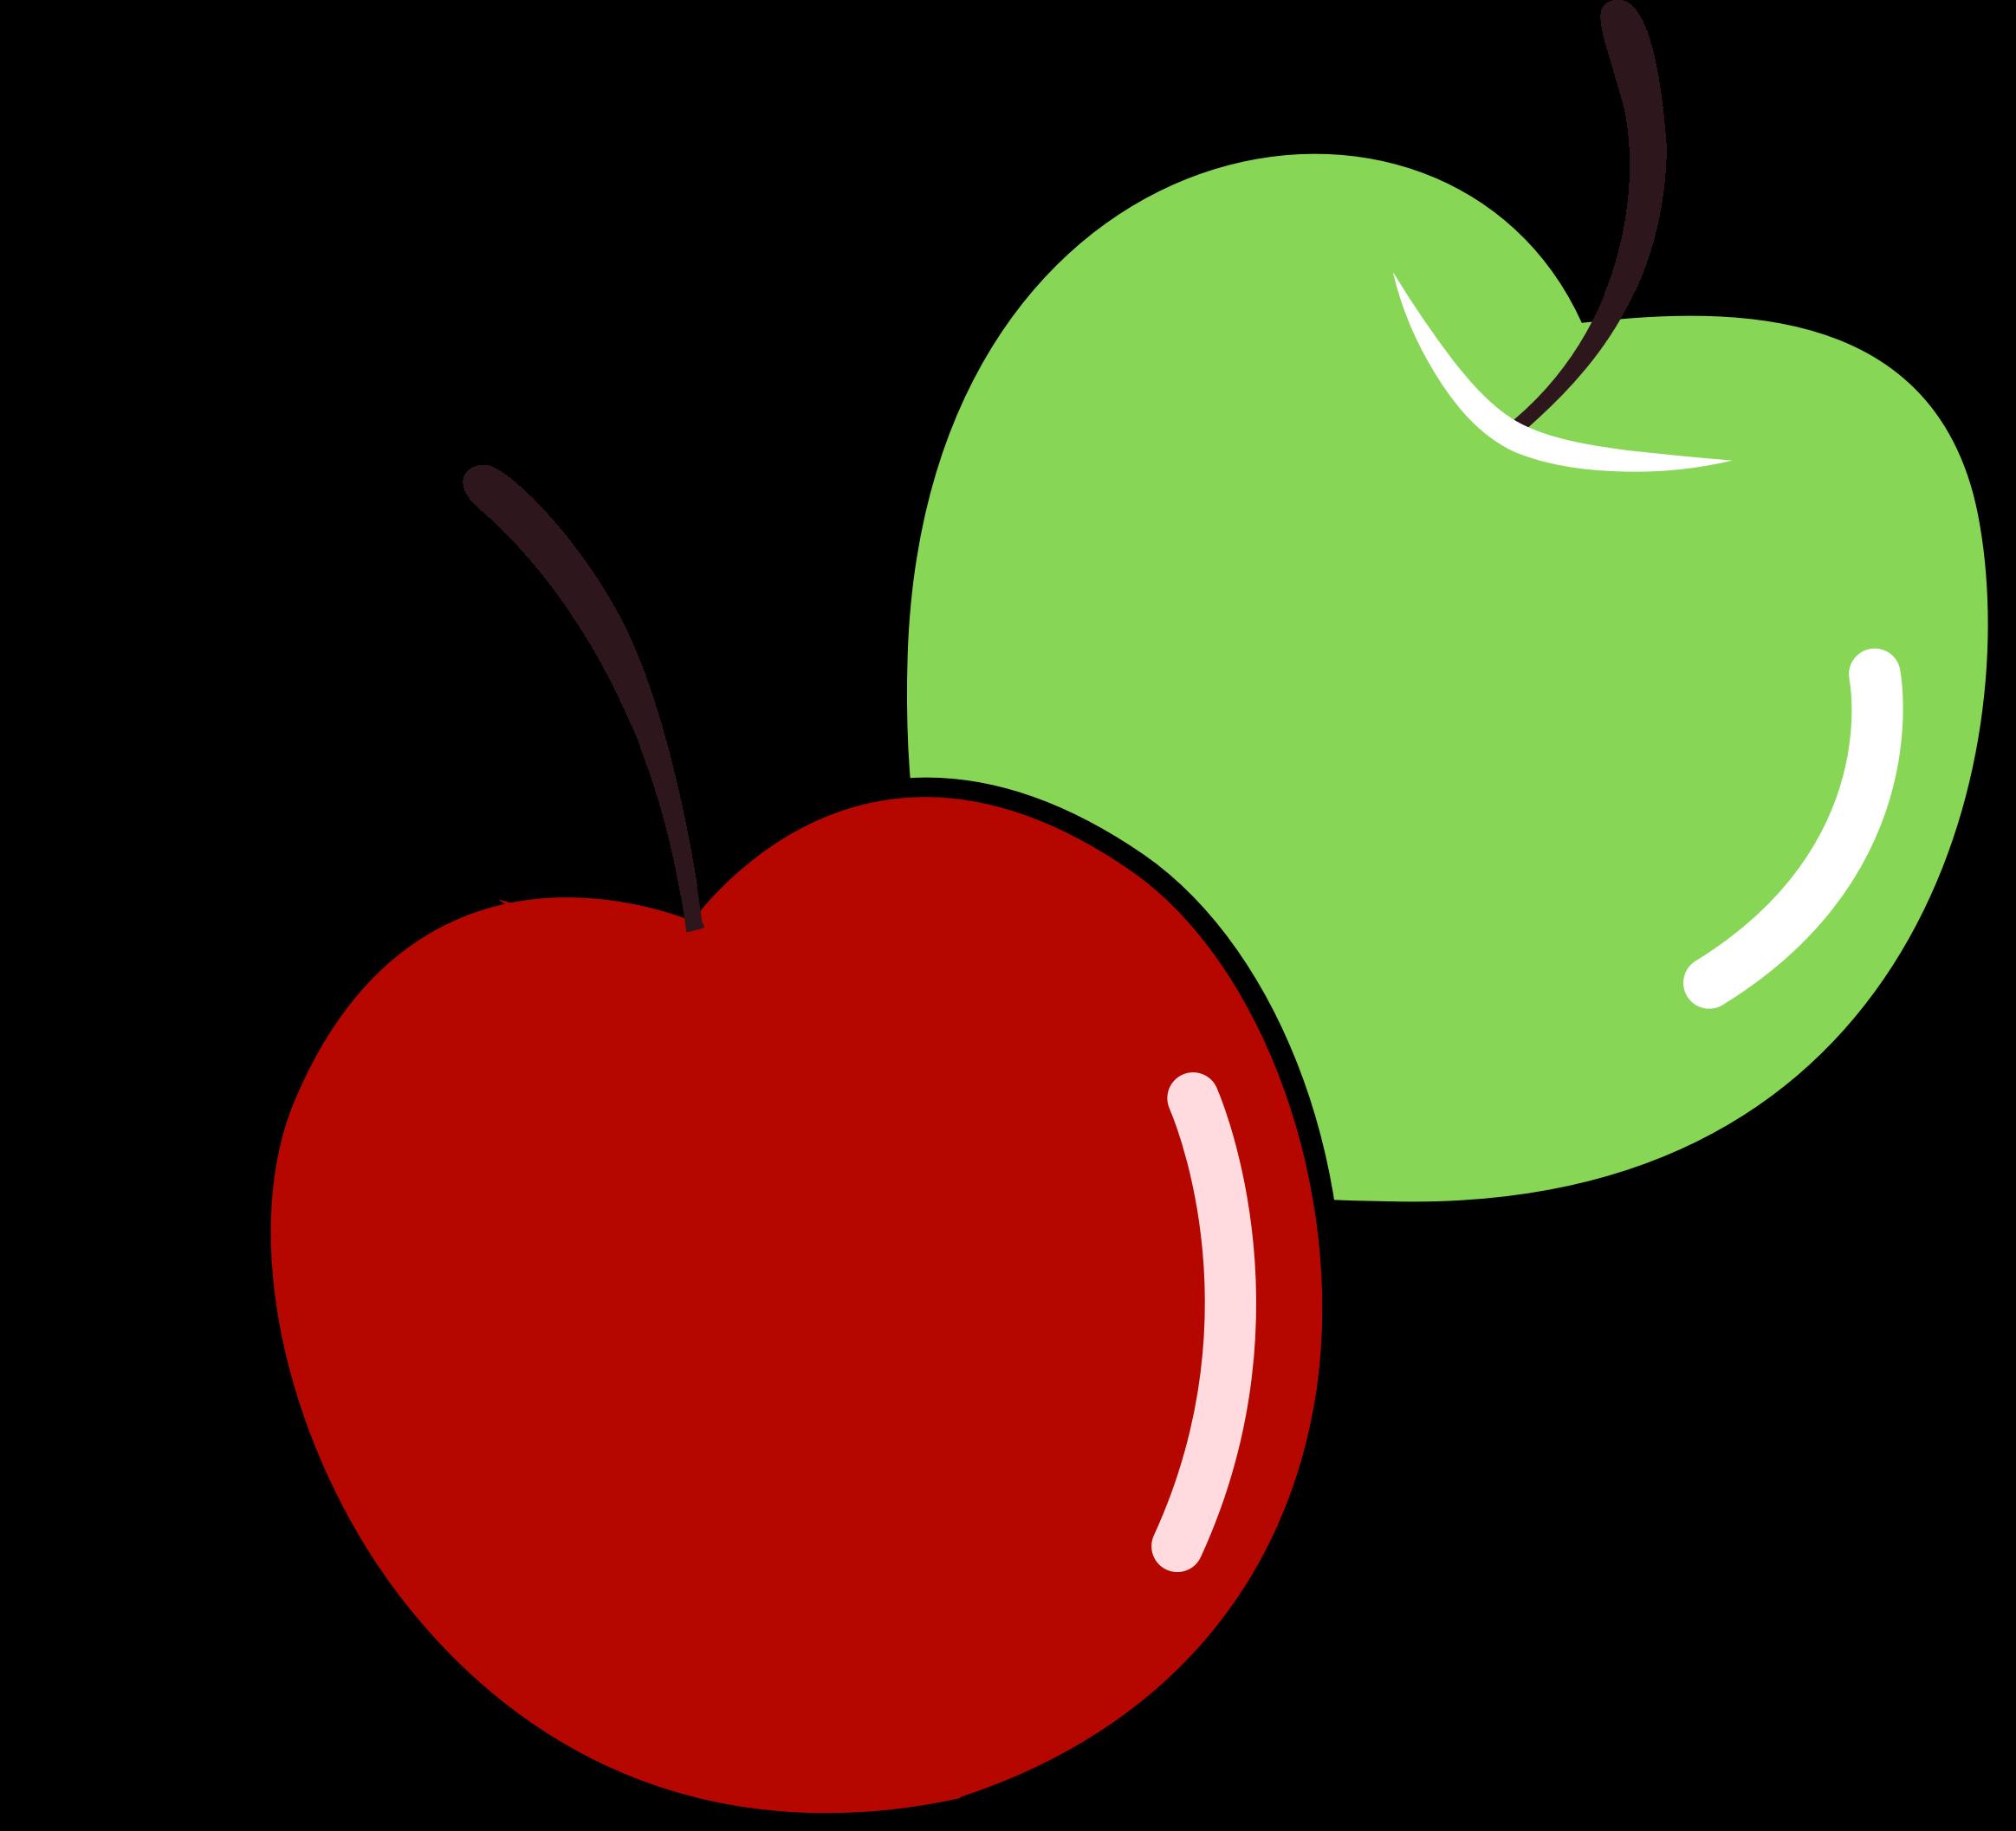 Public domain apple clipart jpg transparent Clipart - Apples jpg transparent